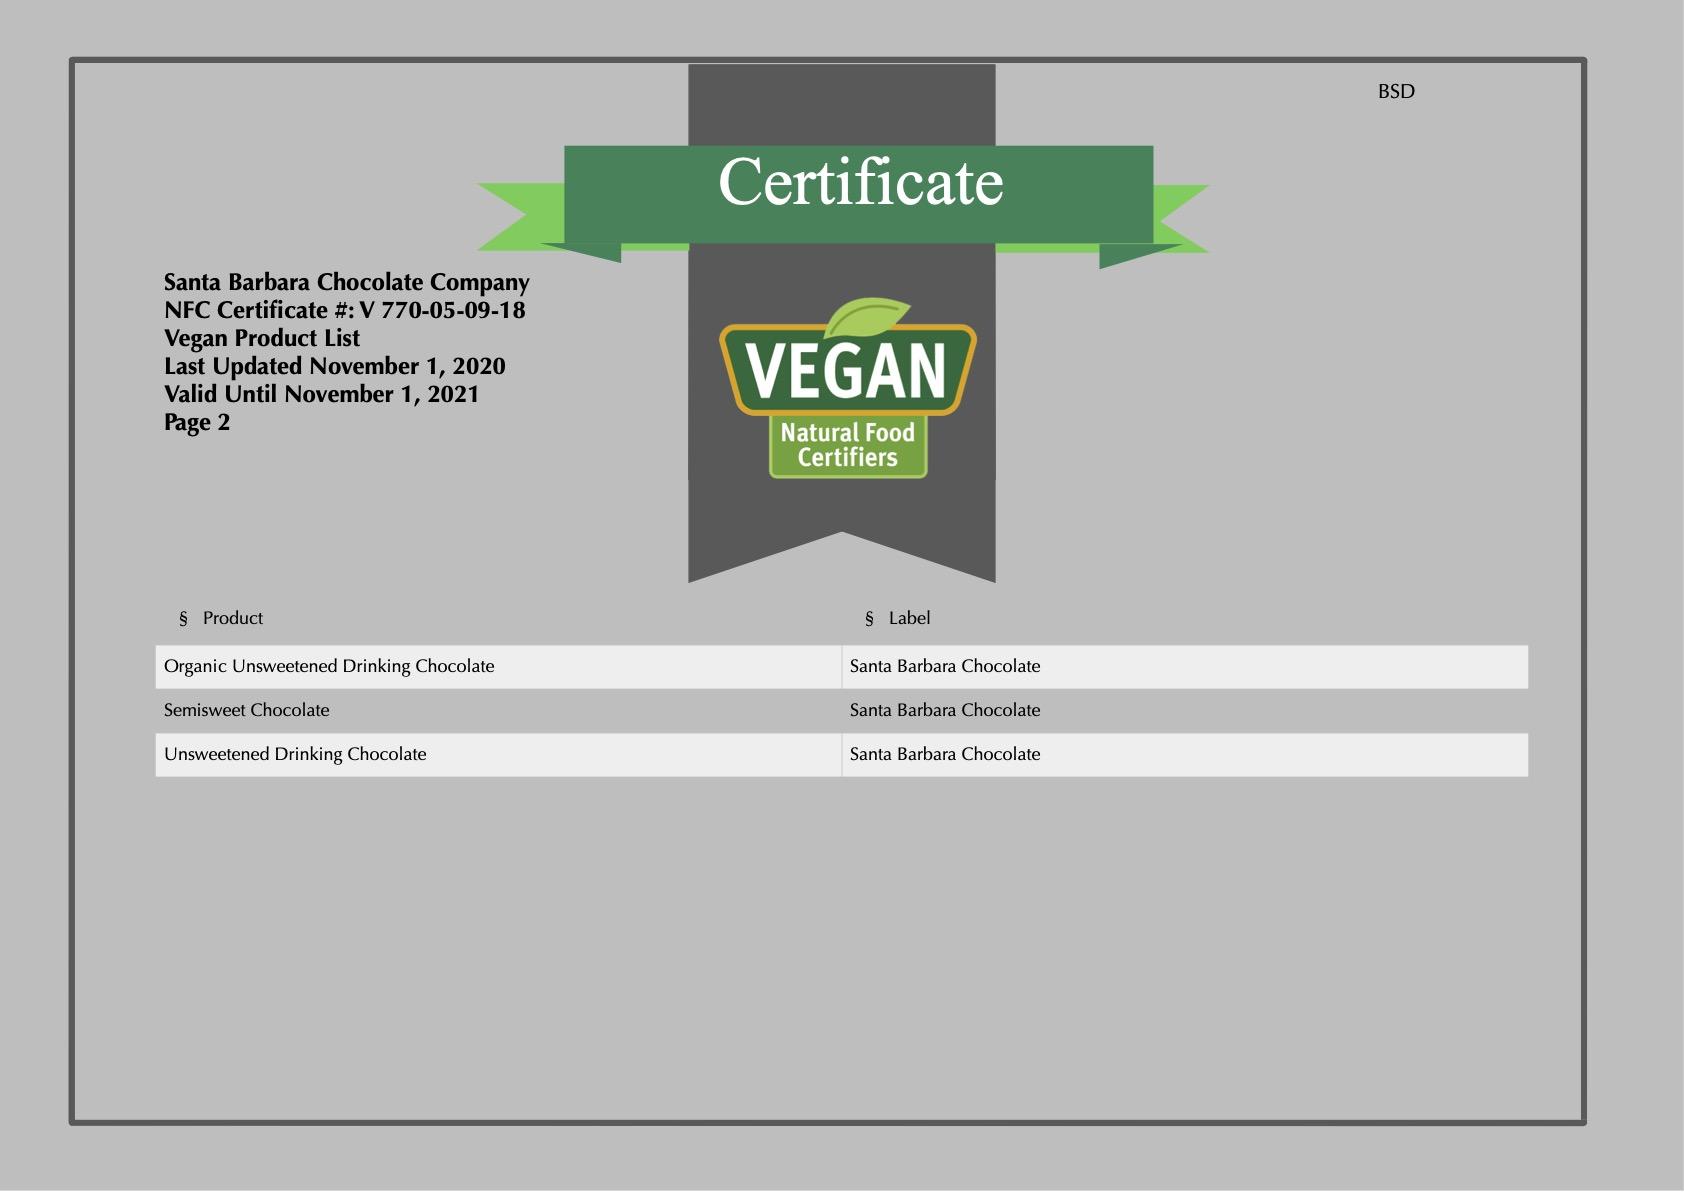 santa-barbara-chocolate-vegan-certificate-2021-3.jpg